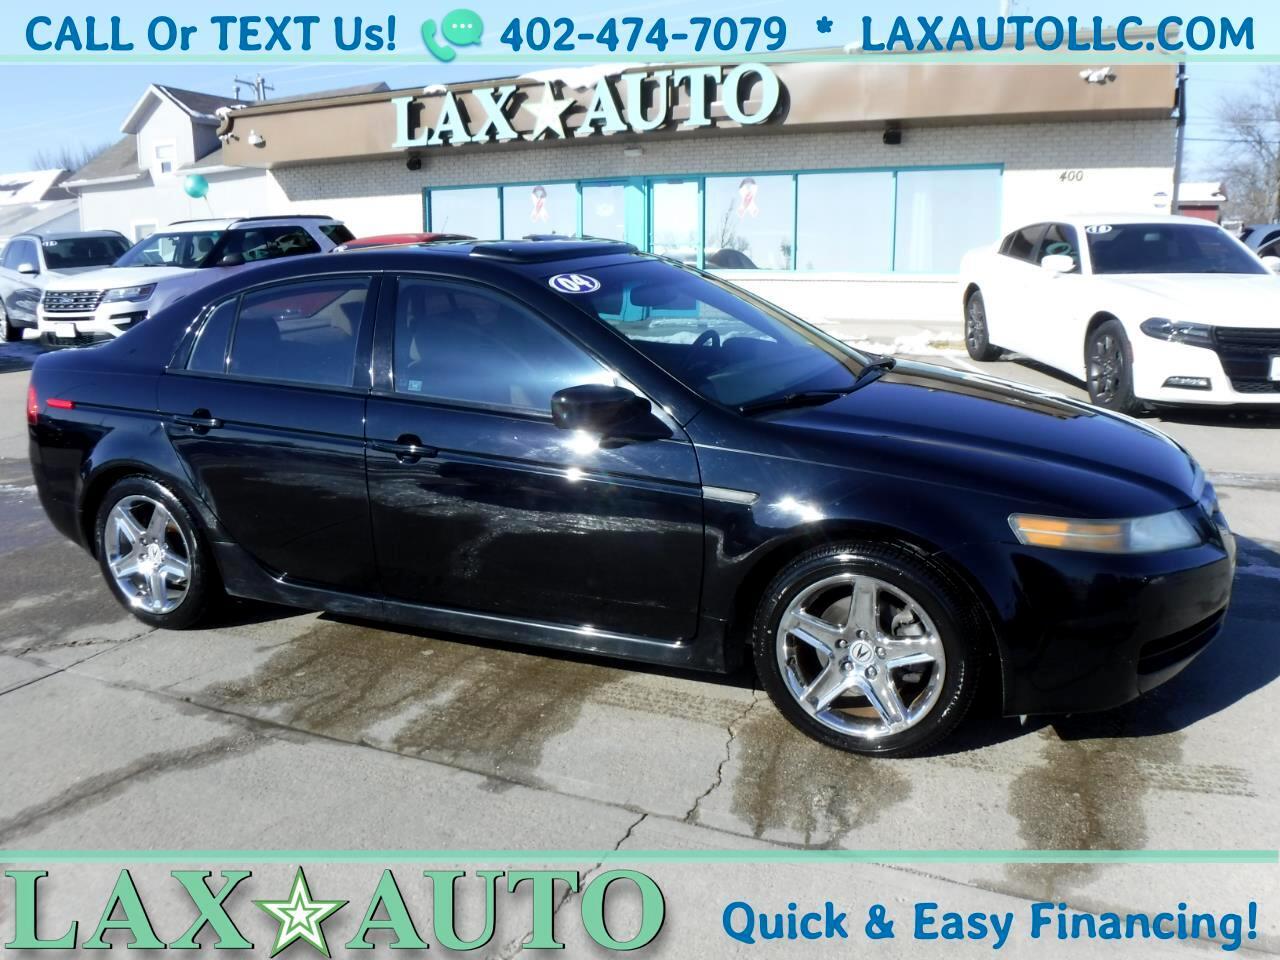 2004 Acura TL Sedan * w/ heated leather! Sunroof!